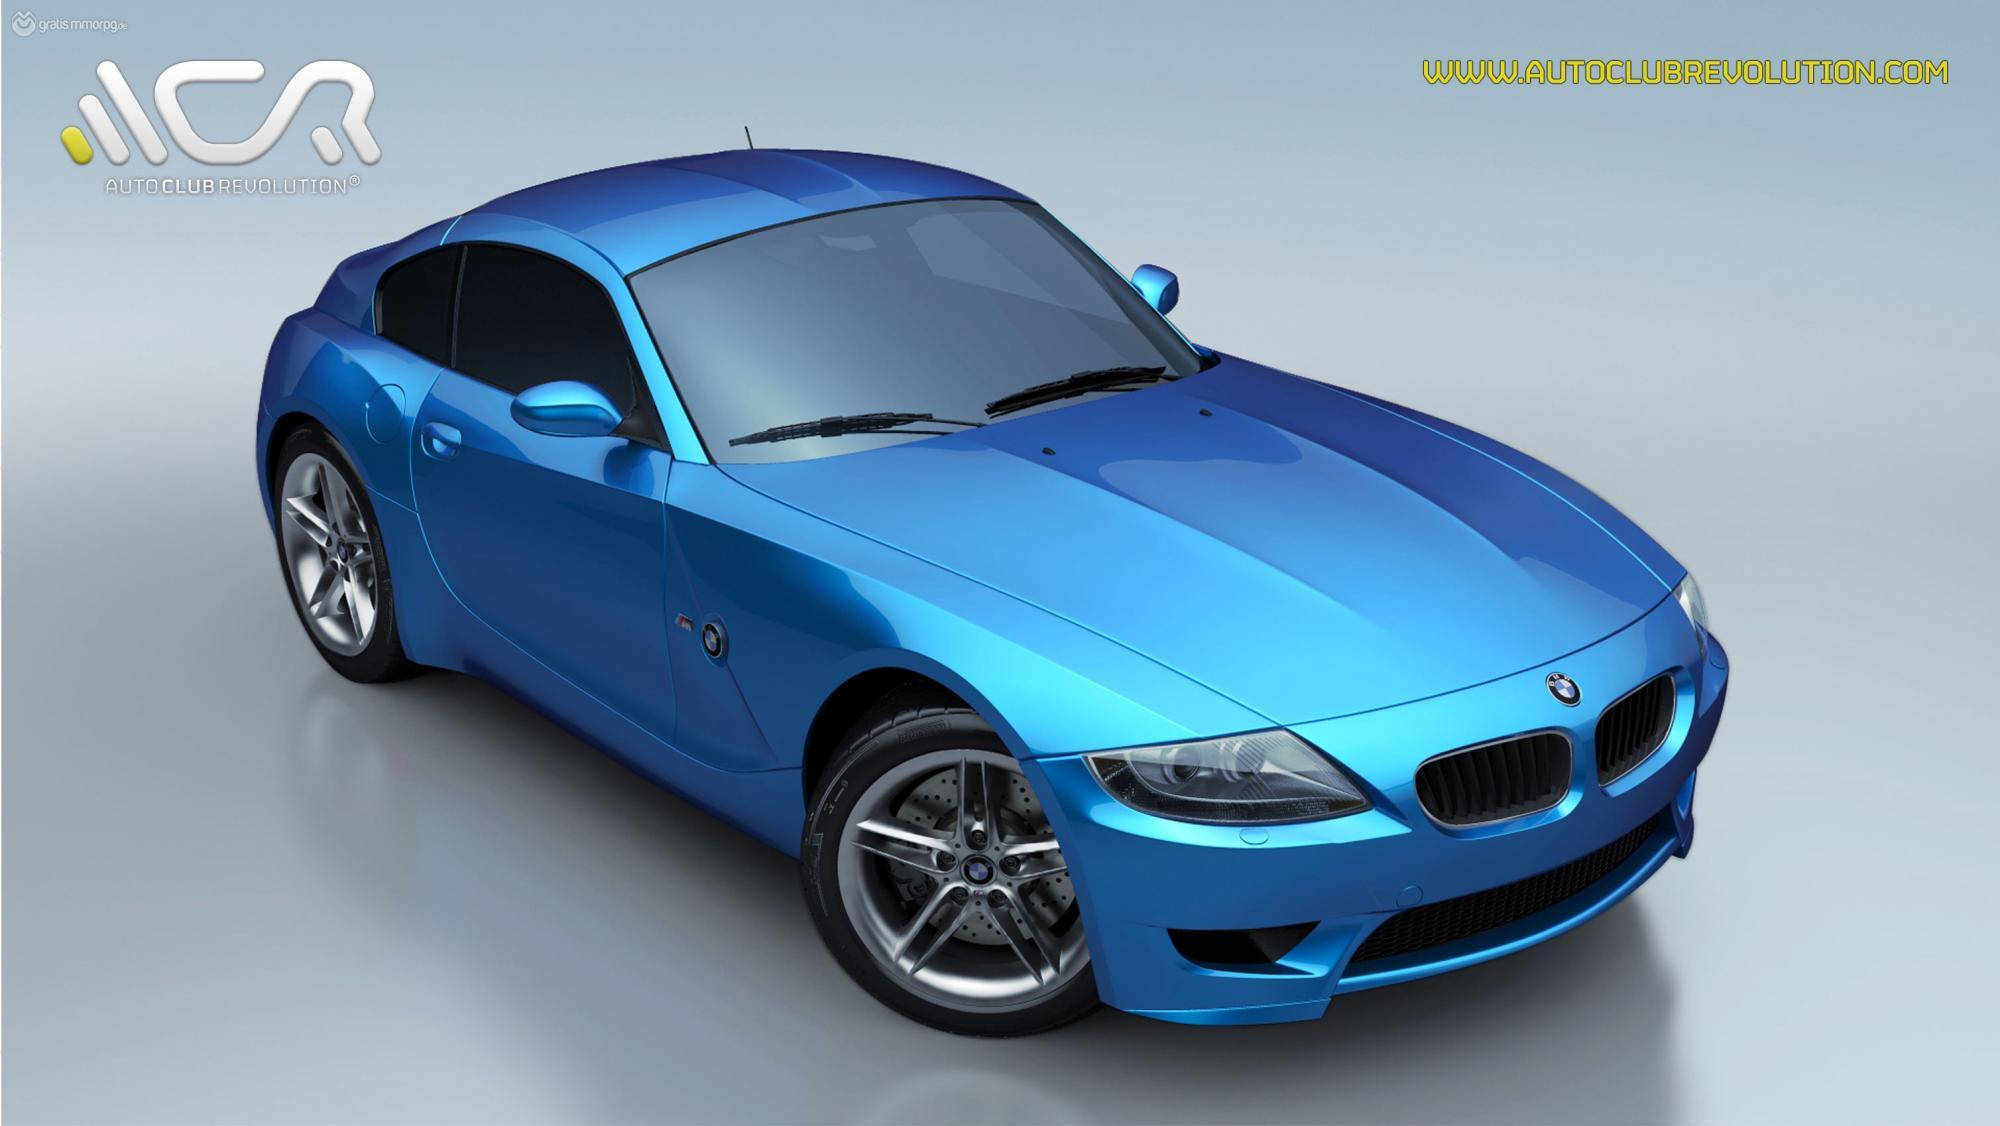 Klicke auf die Grafik für eine größere AnsichtName:ACR - BMW Z4 M Coupe.jpgHits:63Größe:128,9 KBID:5867